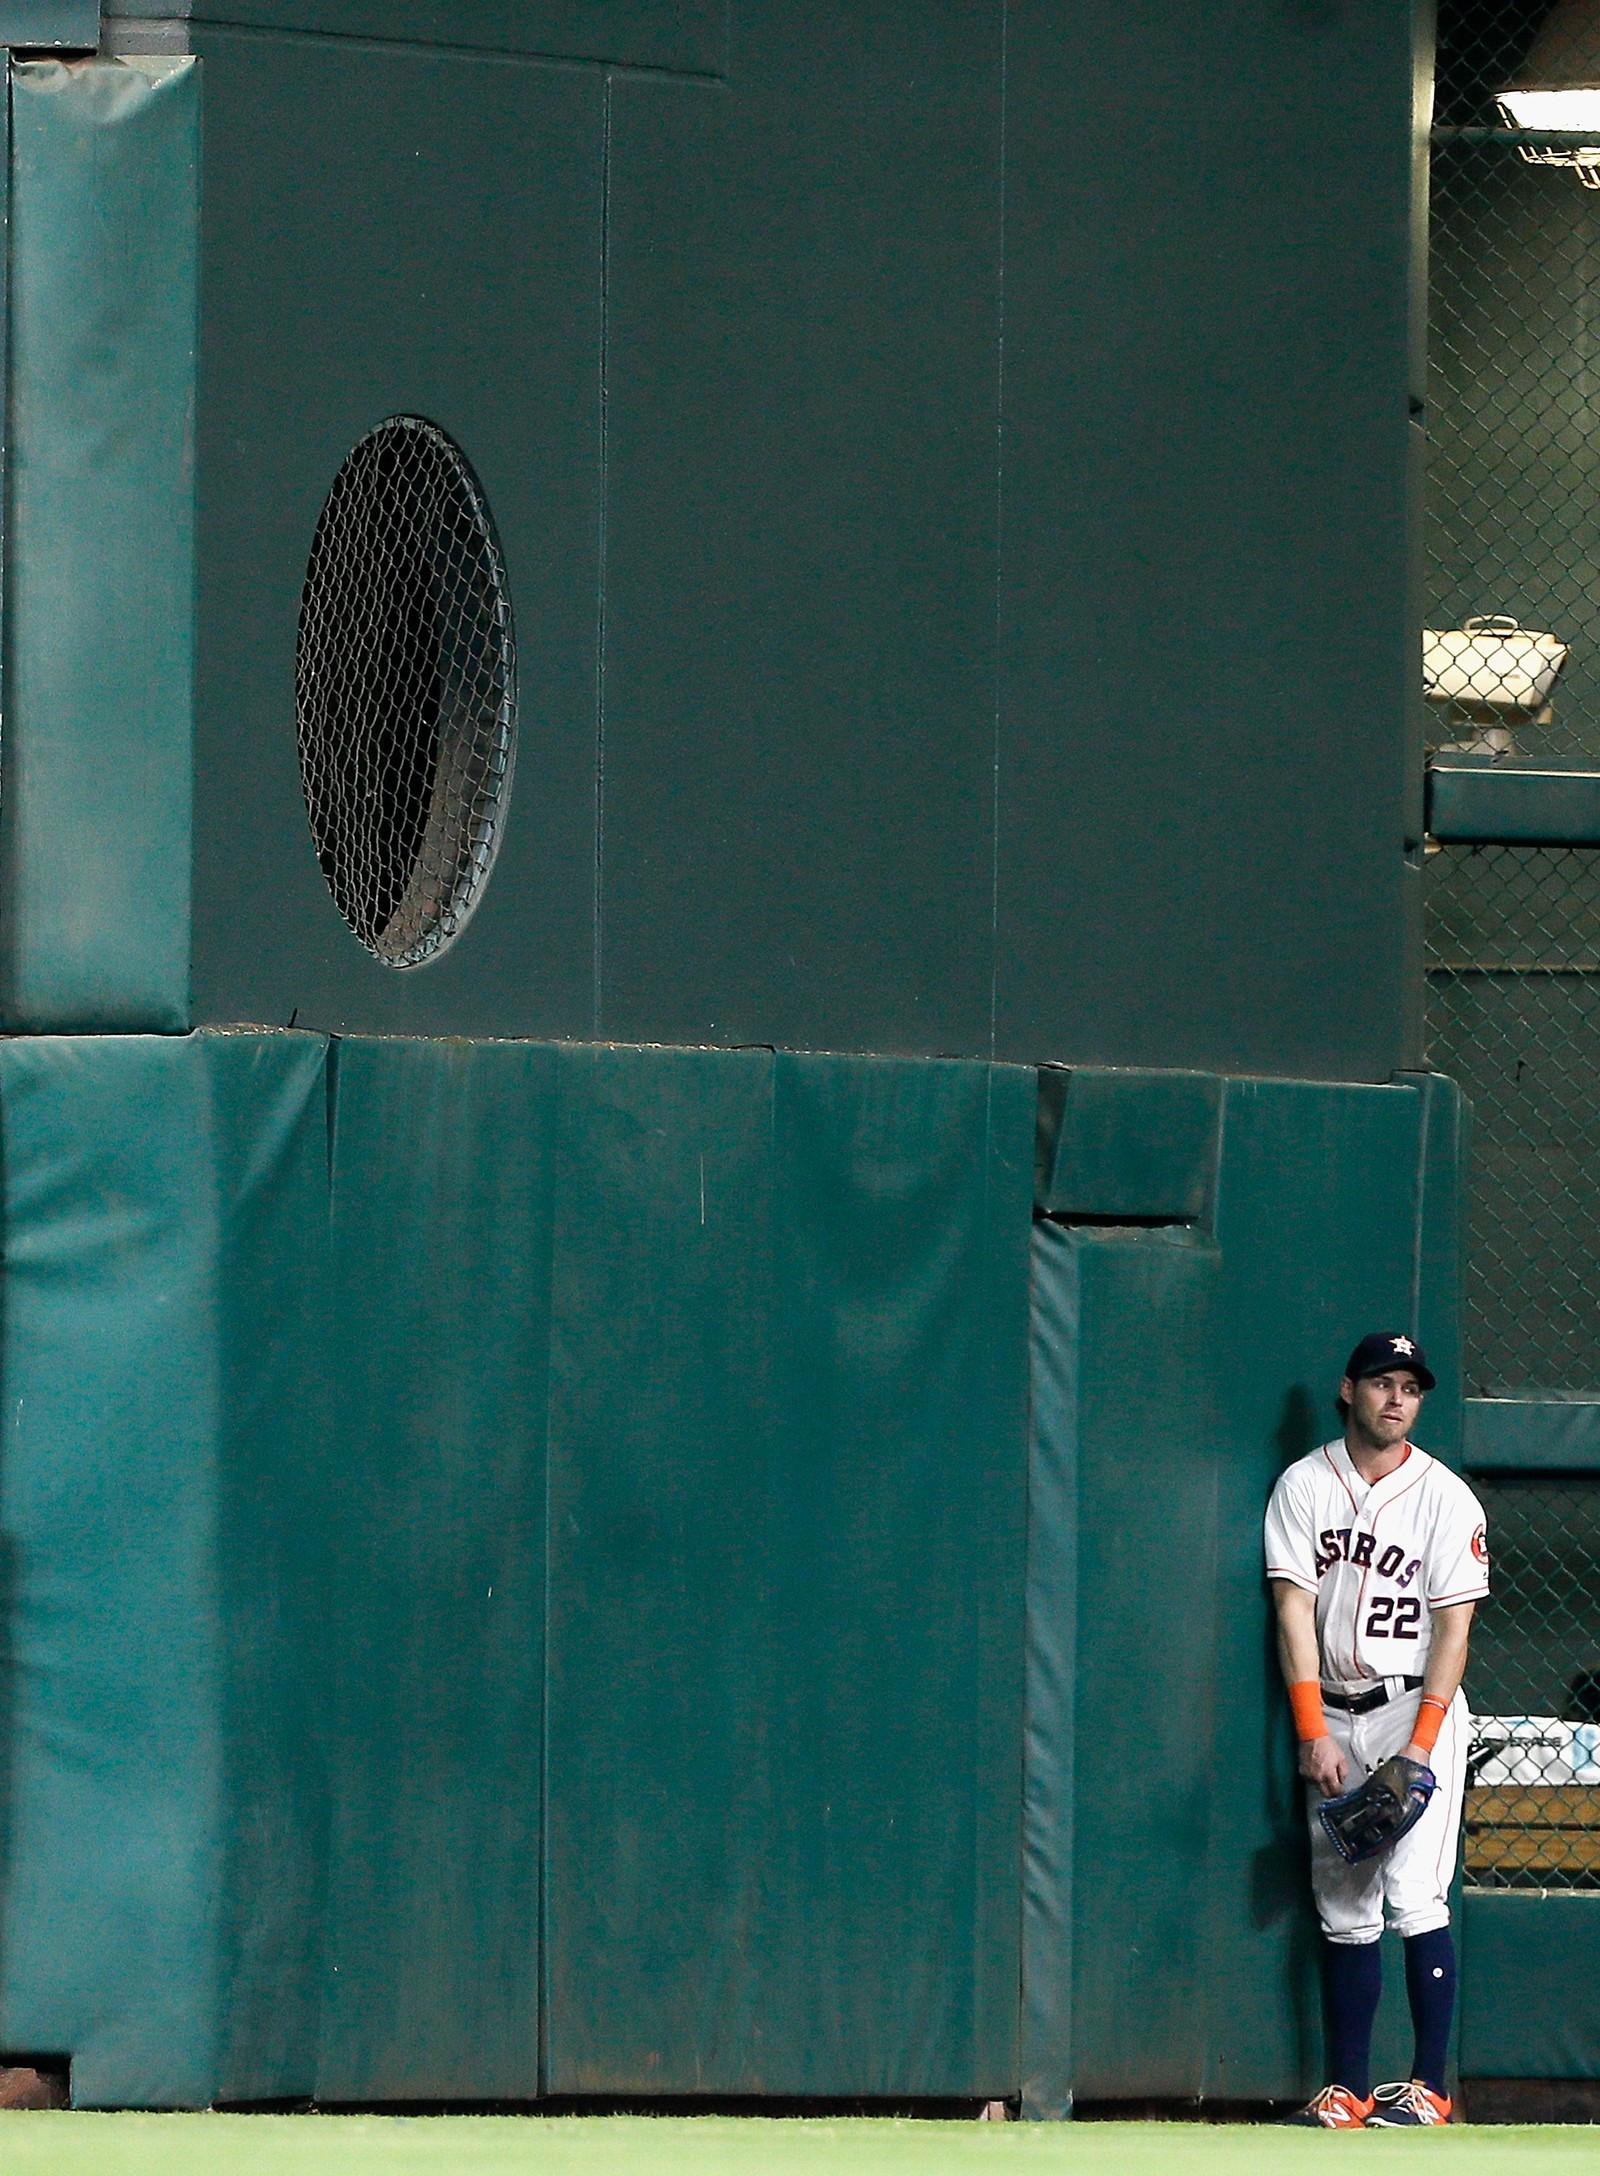 Så langt, men ikke lenger. Baseballen suste videre, mens Josh Reddick fra Houston Astros møtte veggen og måtte se Los Angeles Angels notere en homerun.